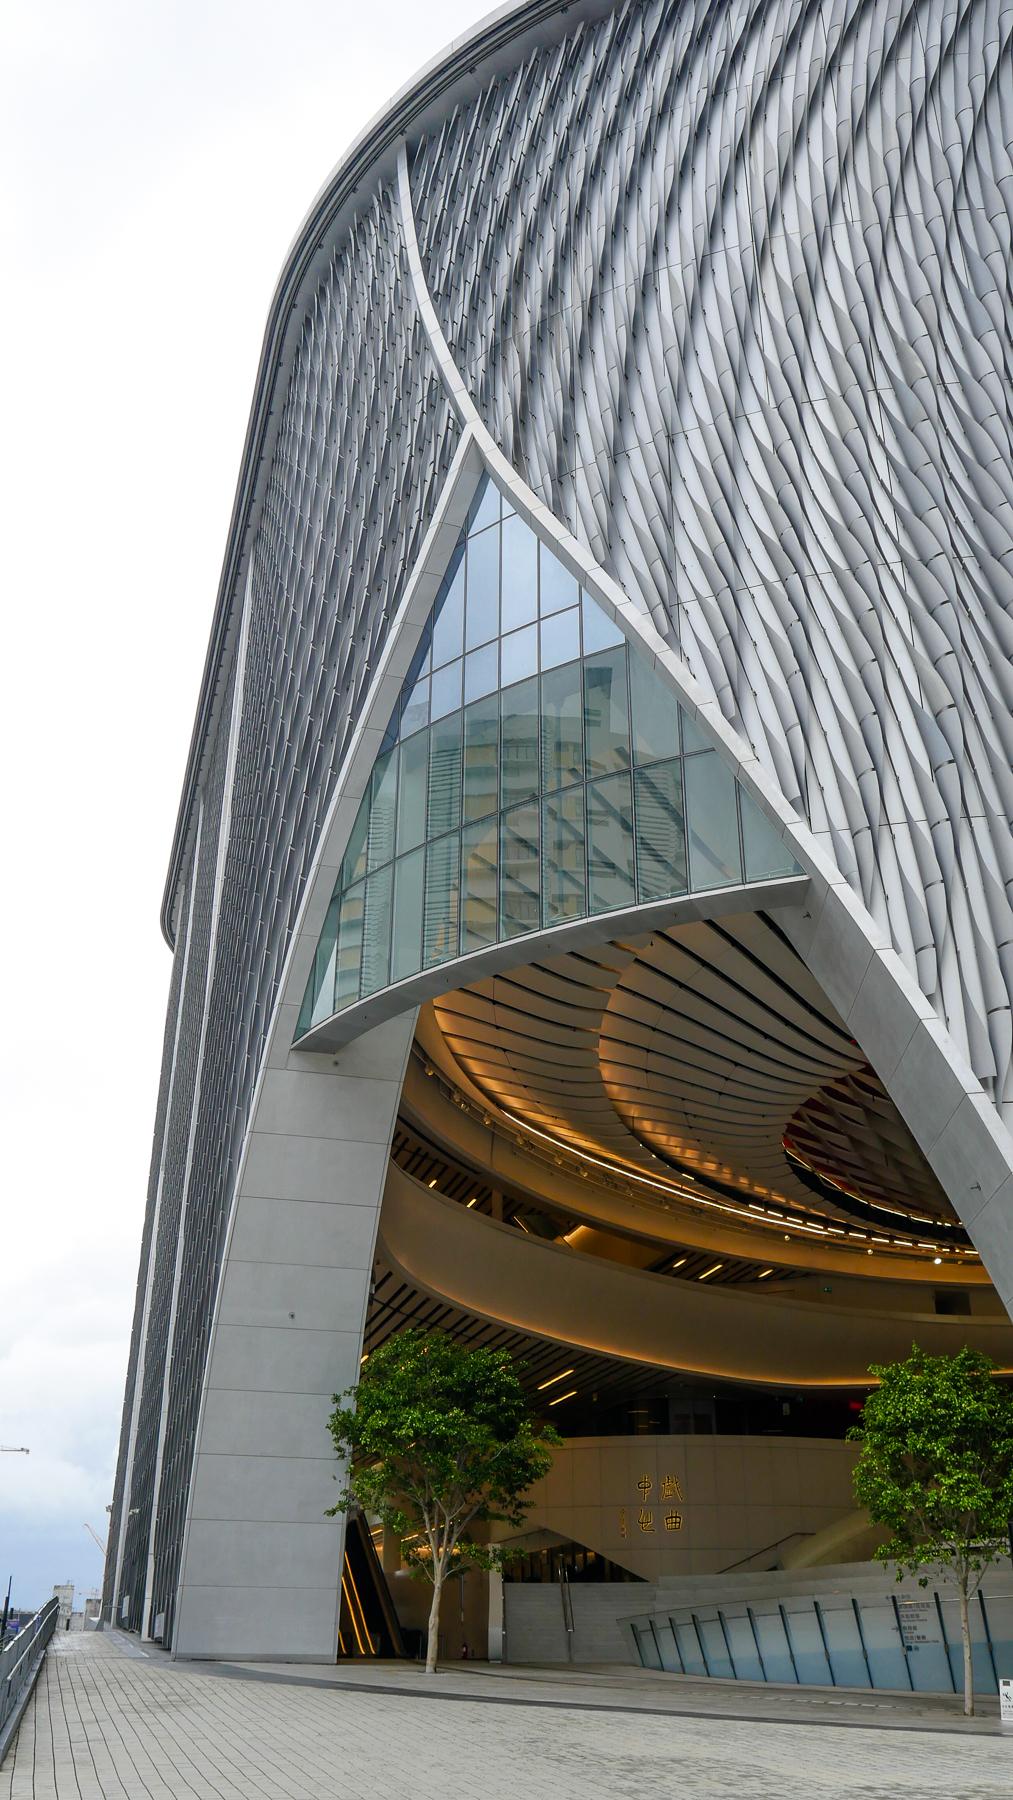 07-hongkong-32.jpg